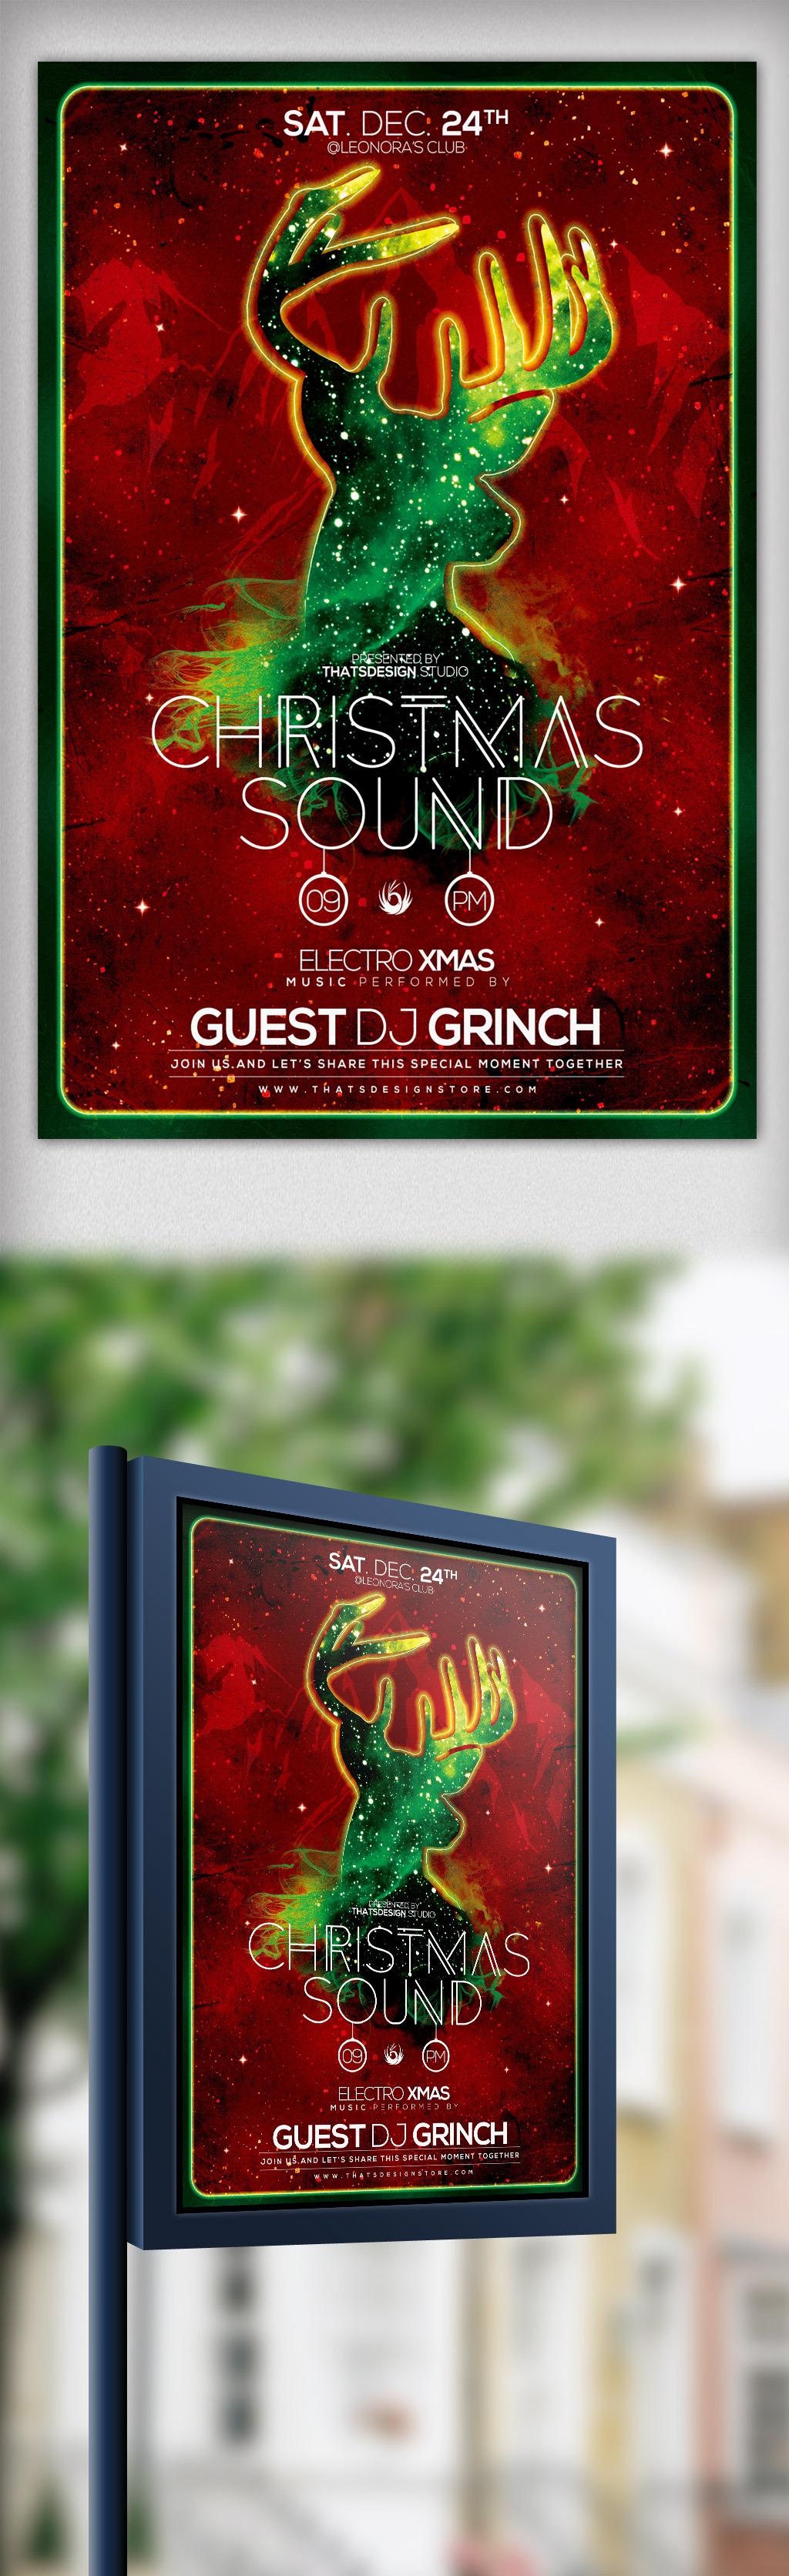 手绘圣诞迷彩麋鹿圣诞节海报